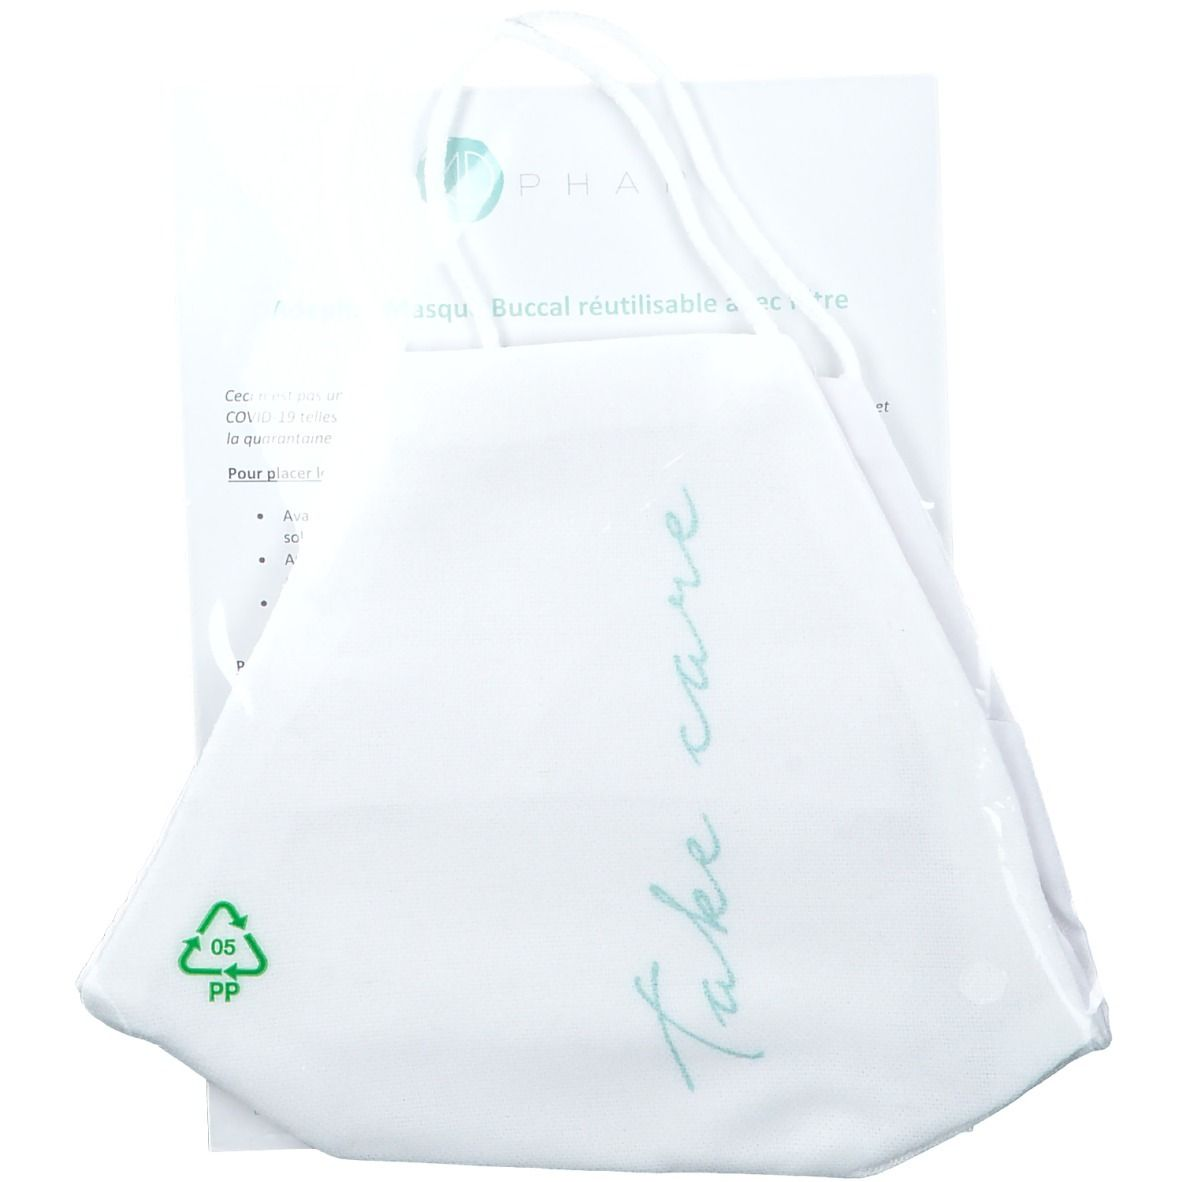 Image of Wiederverwendbare Adephar-Mundmaske mit auswaschbarem Filter Erwachsene